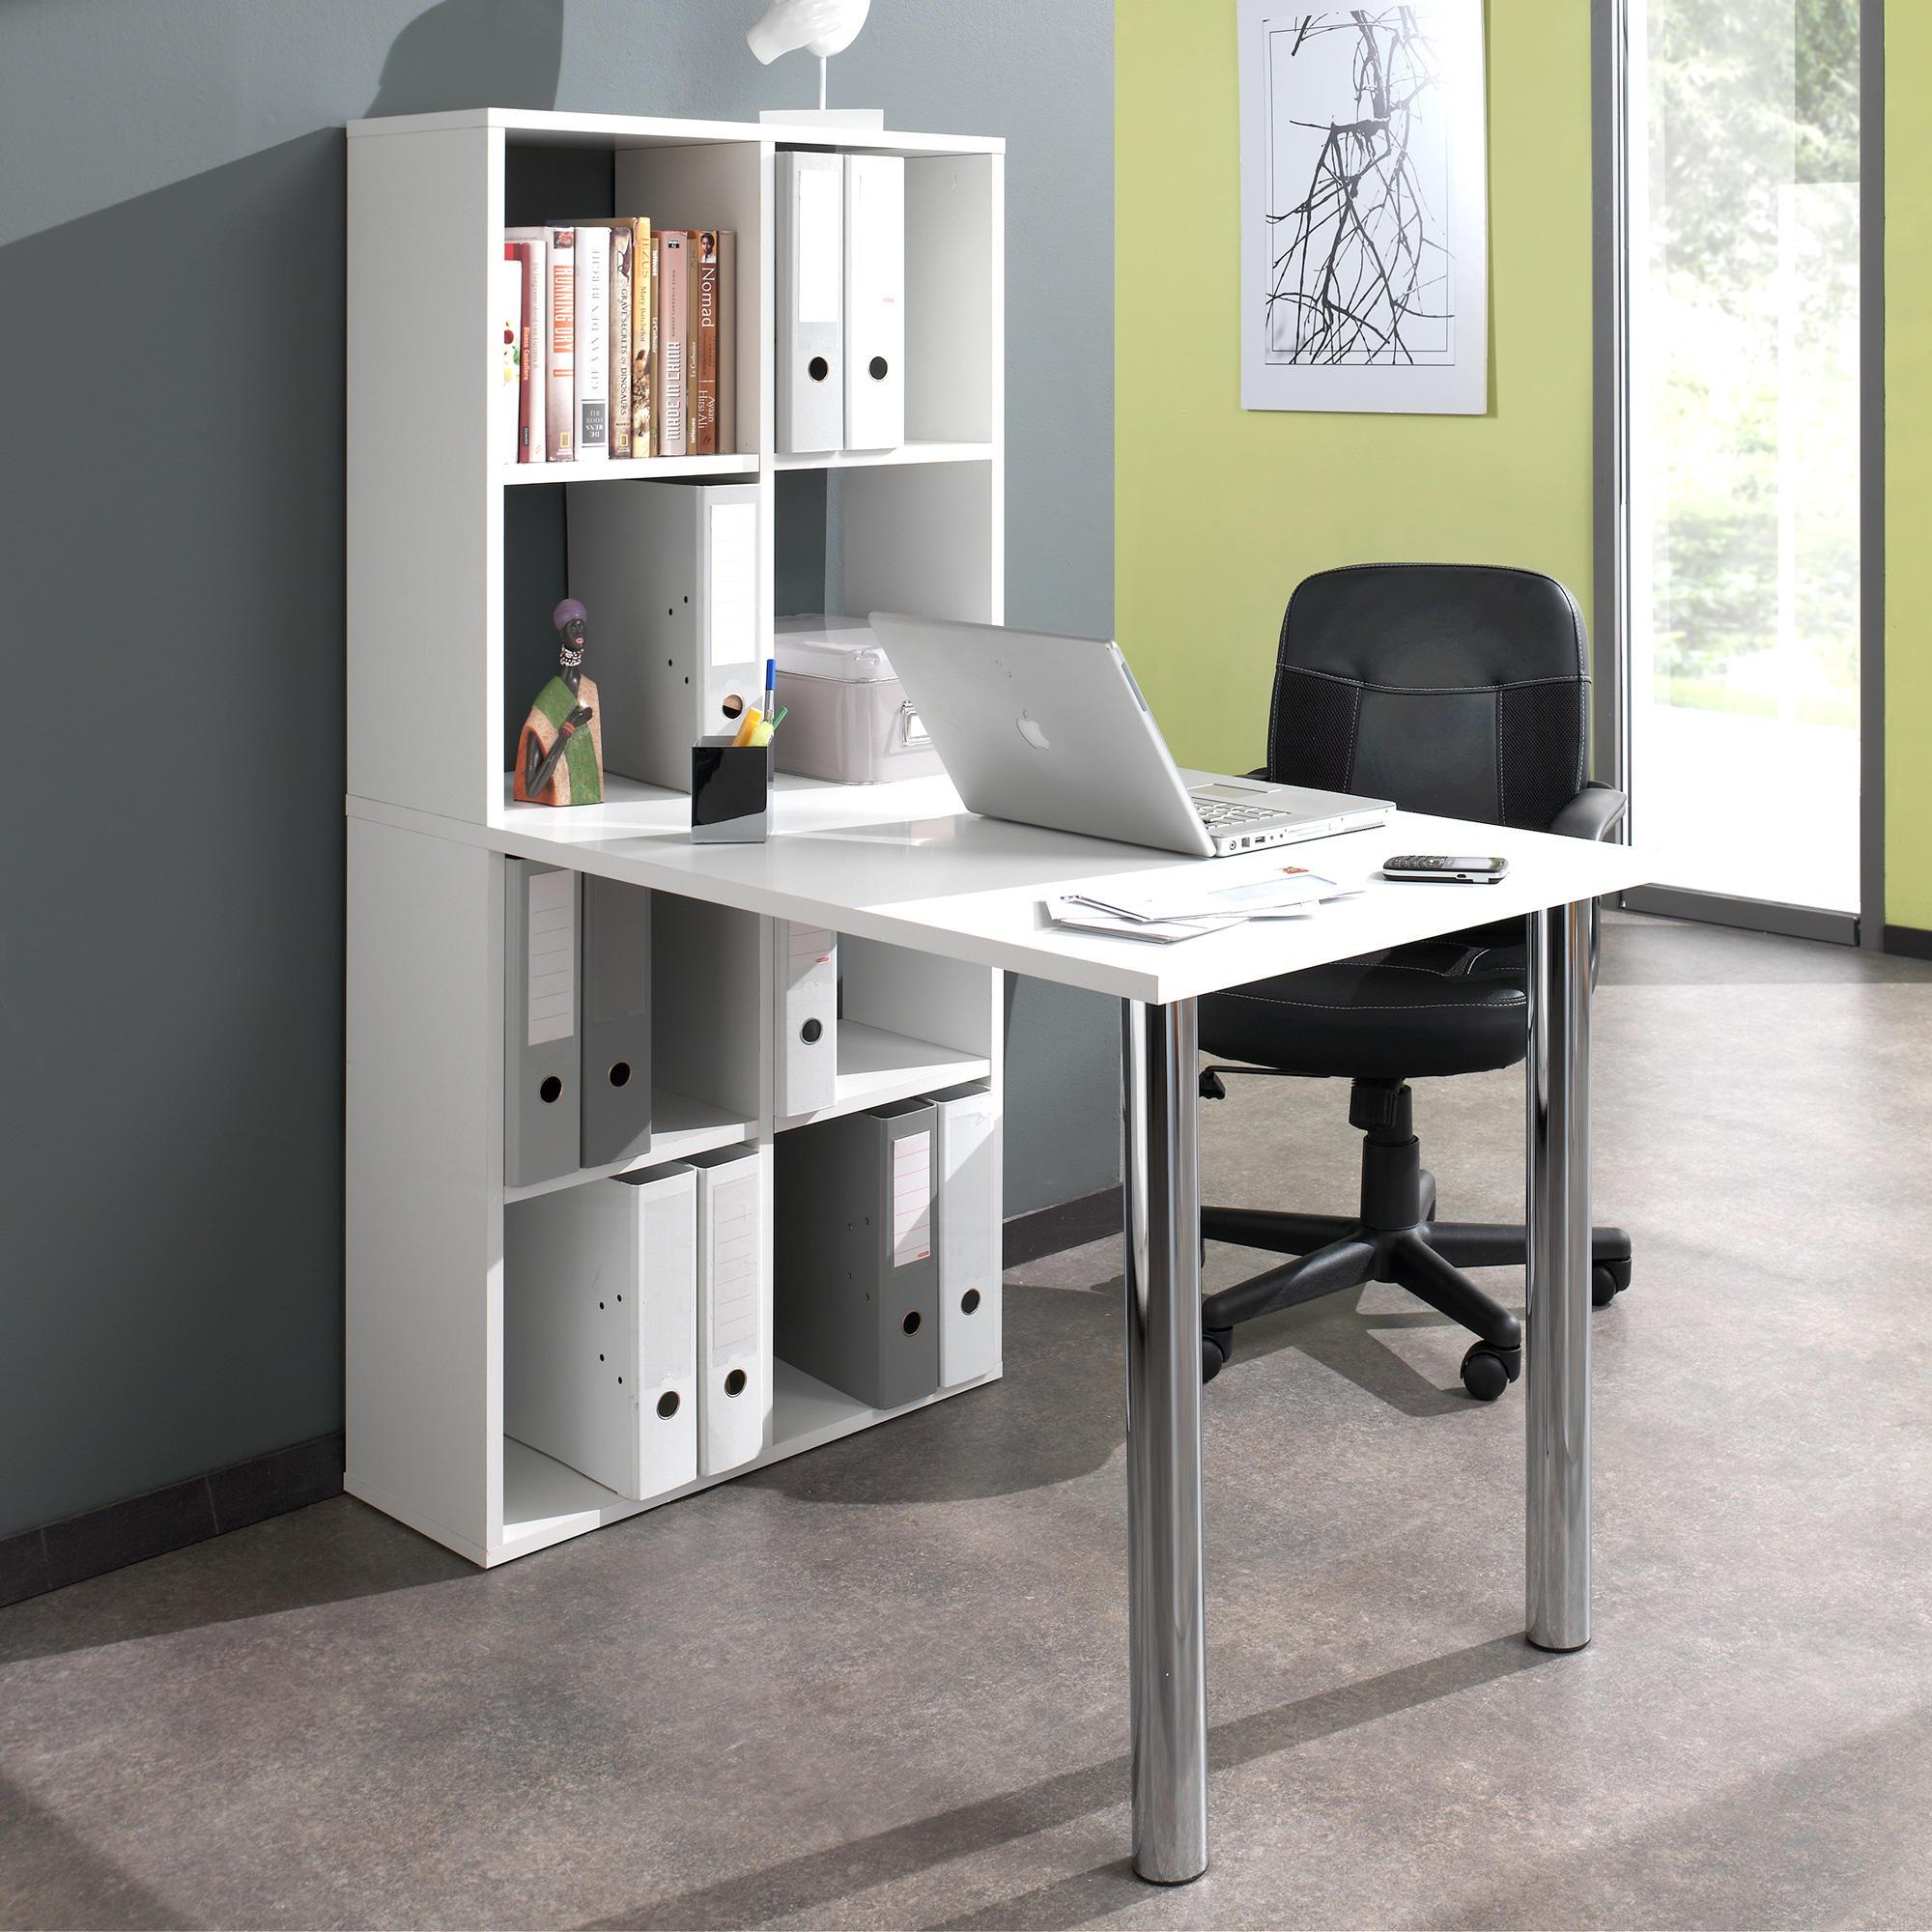 Bureau avec bibliothèque intégrée - Bureaux - UNIGRO.be